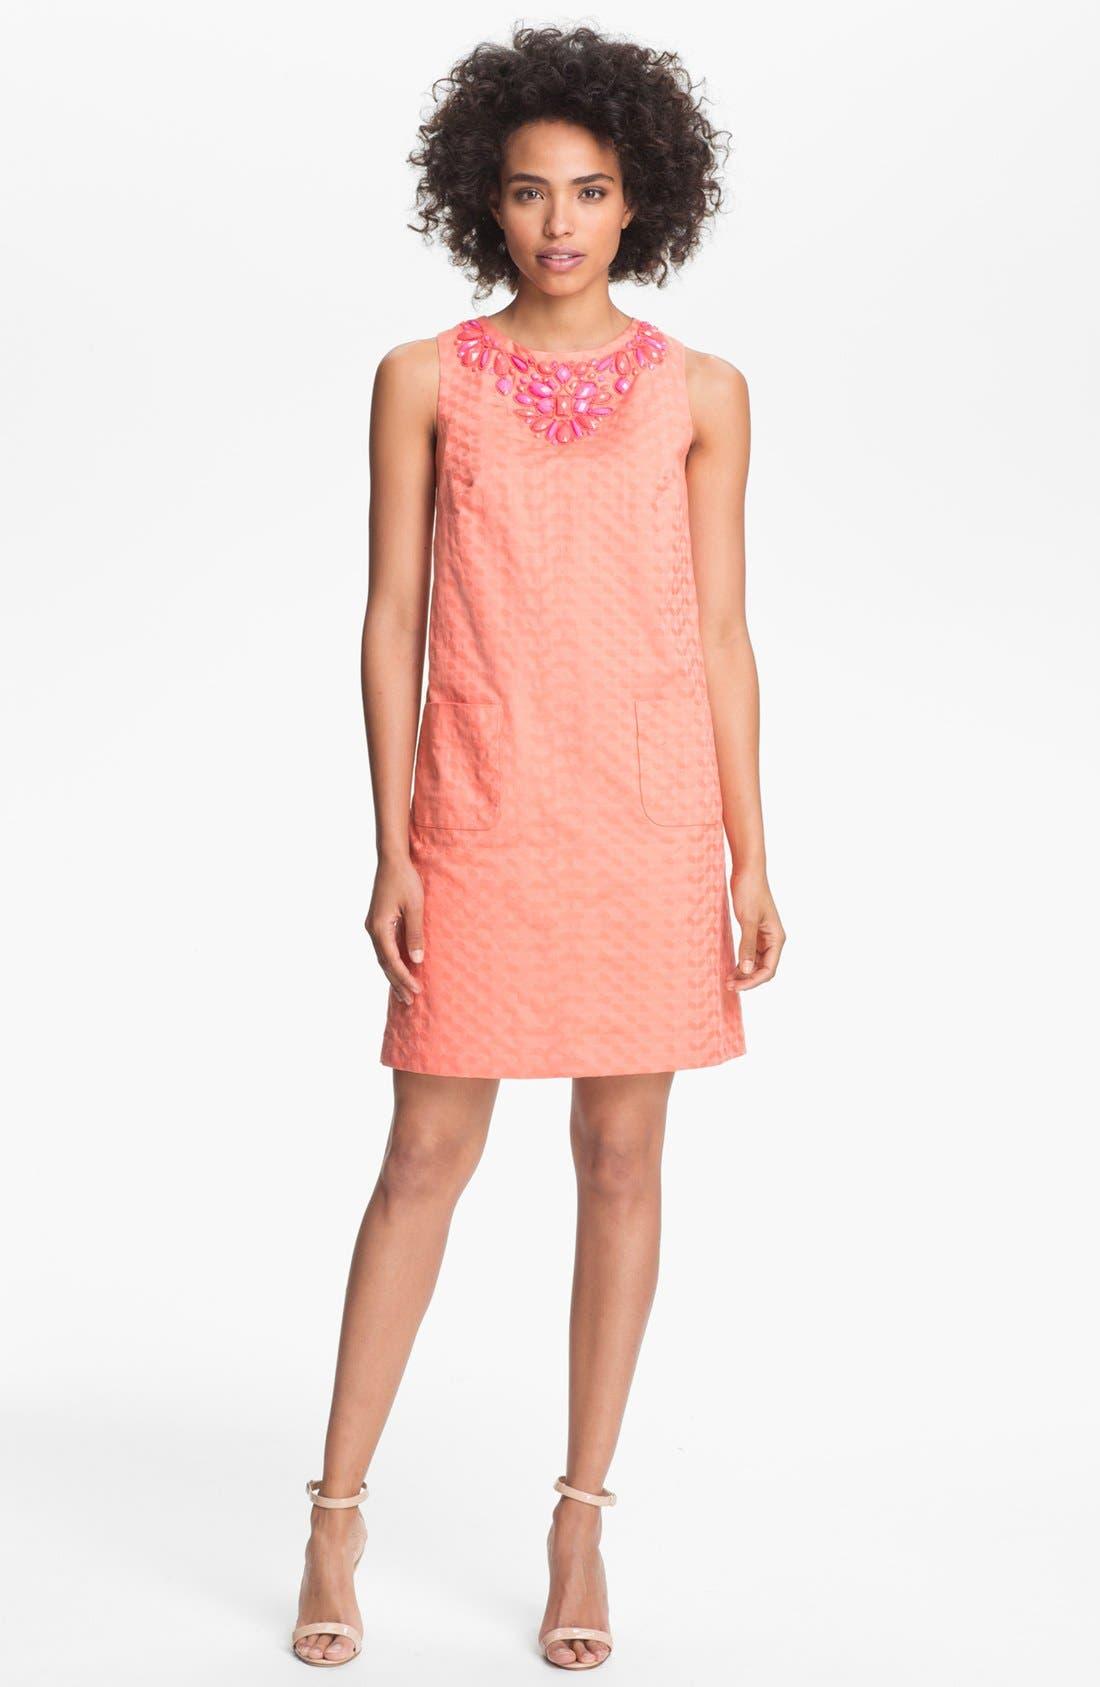 Alternate Image 1 Selected - Donna Morgan Embellished Shift Dress (Petite)